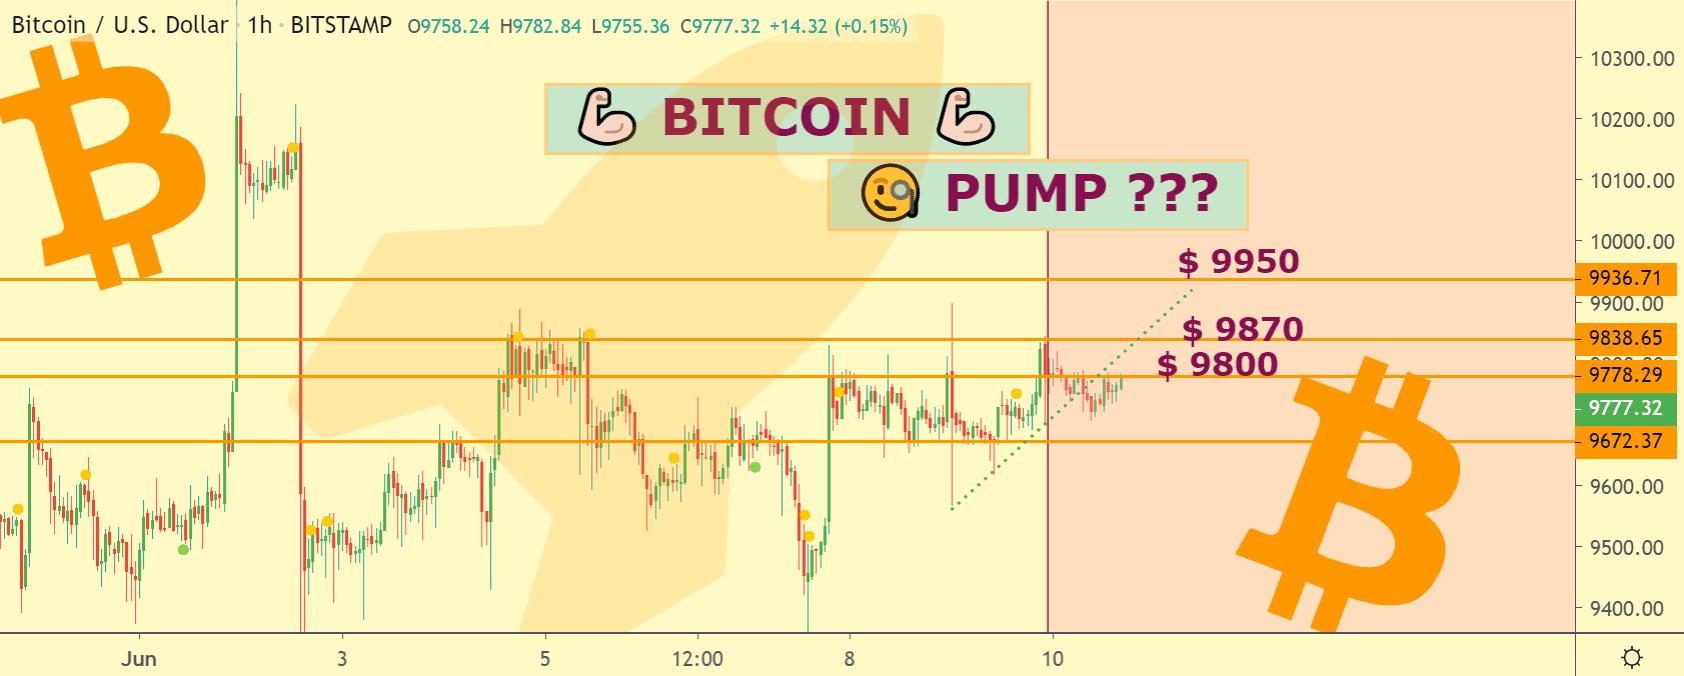 Bitcoin price chart 2 - Jun10